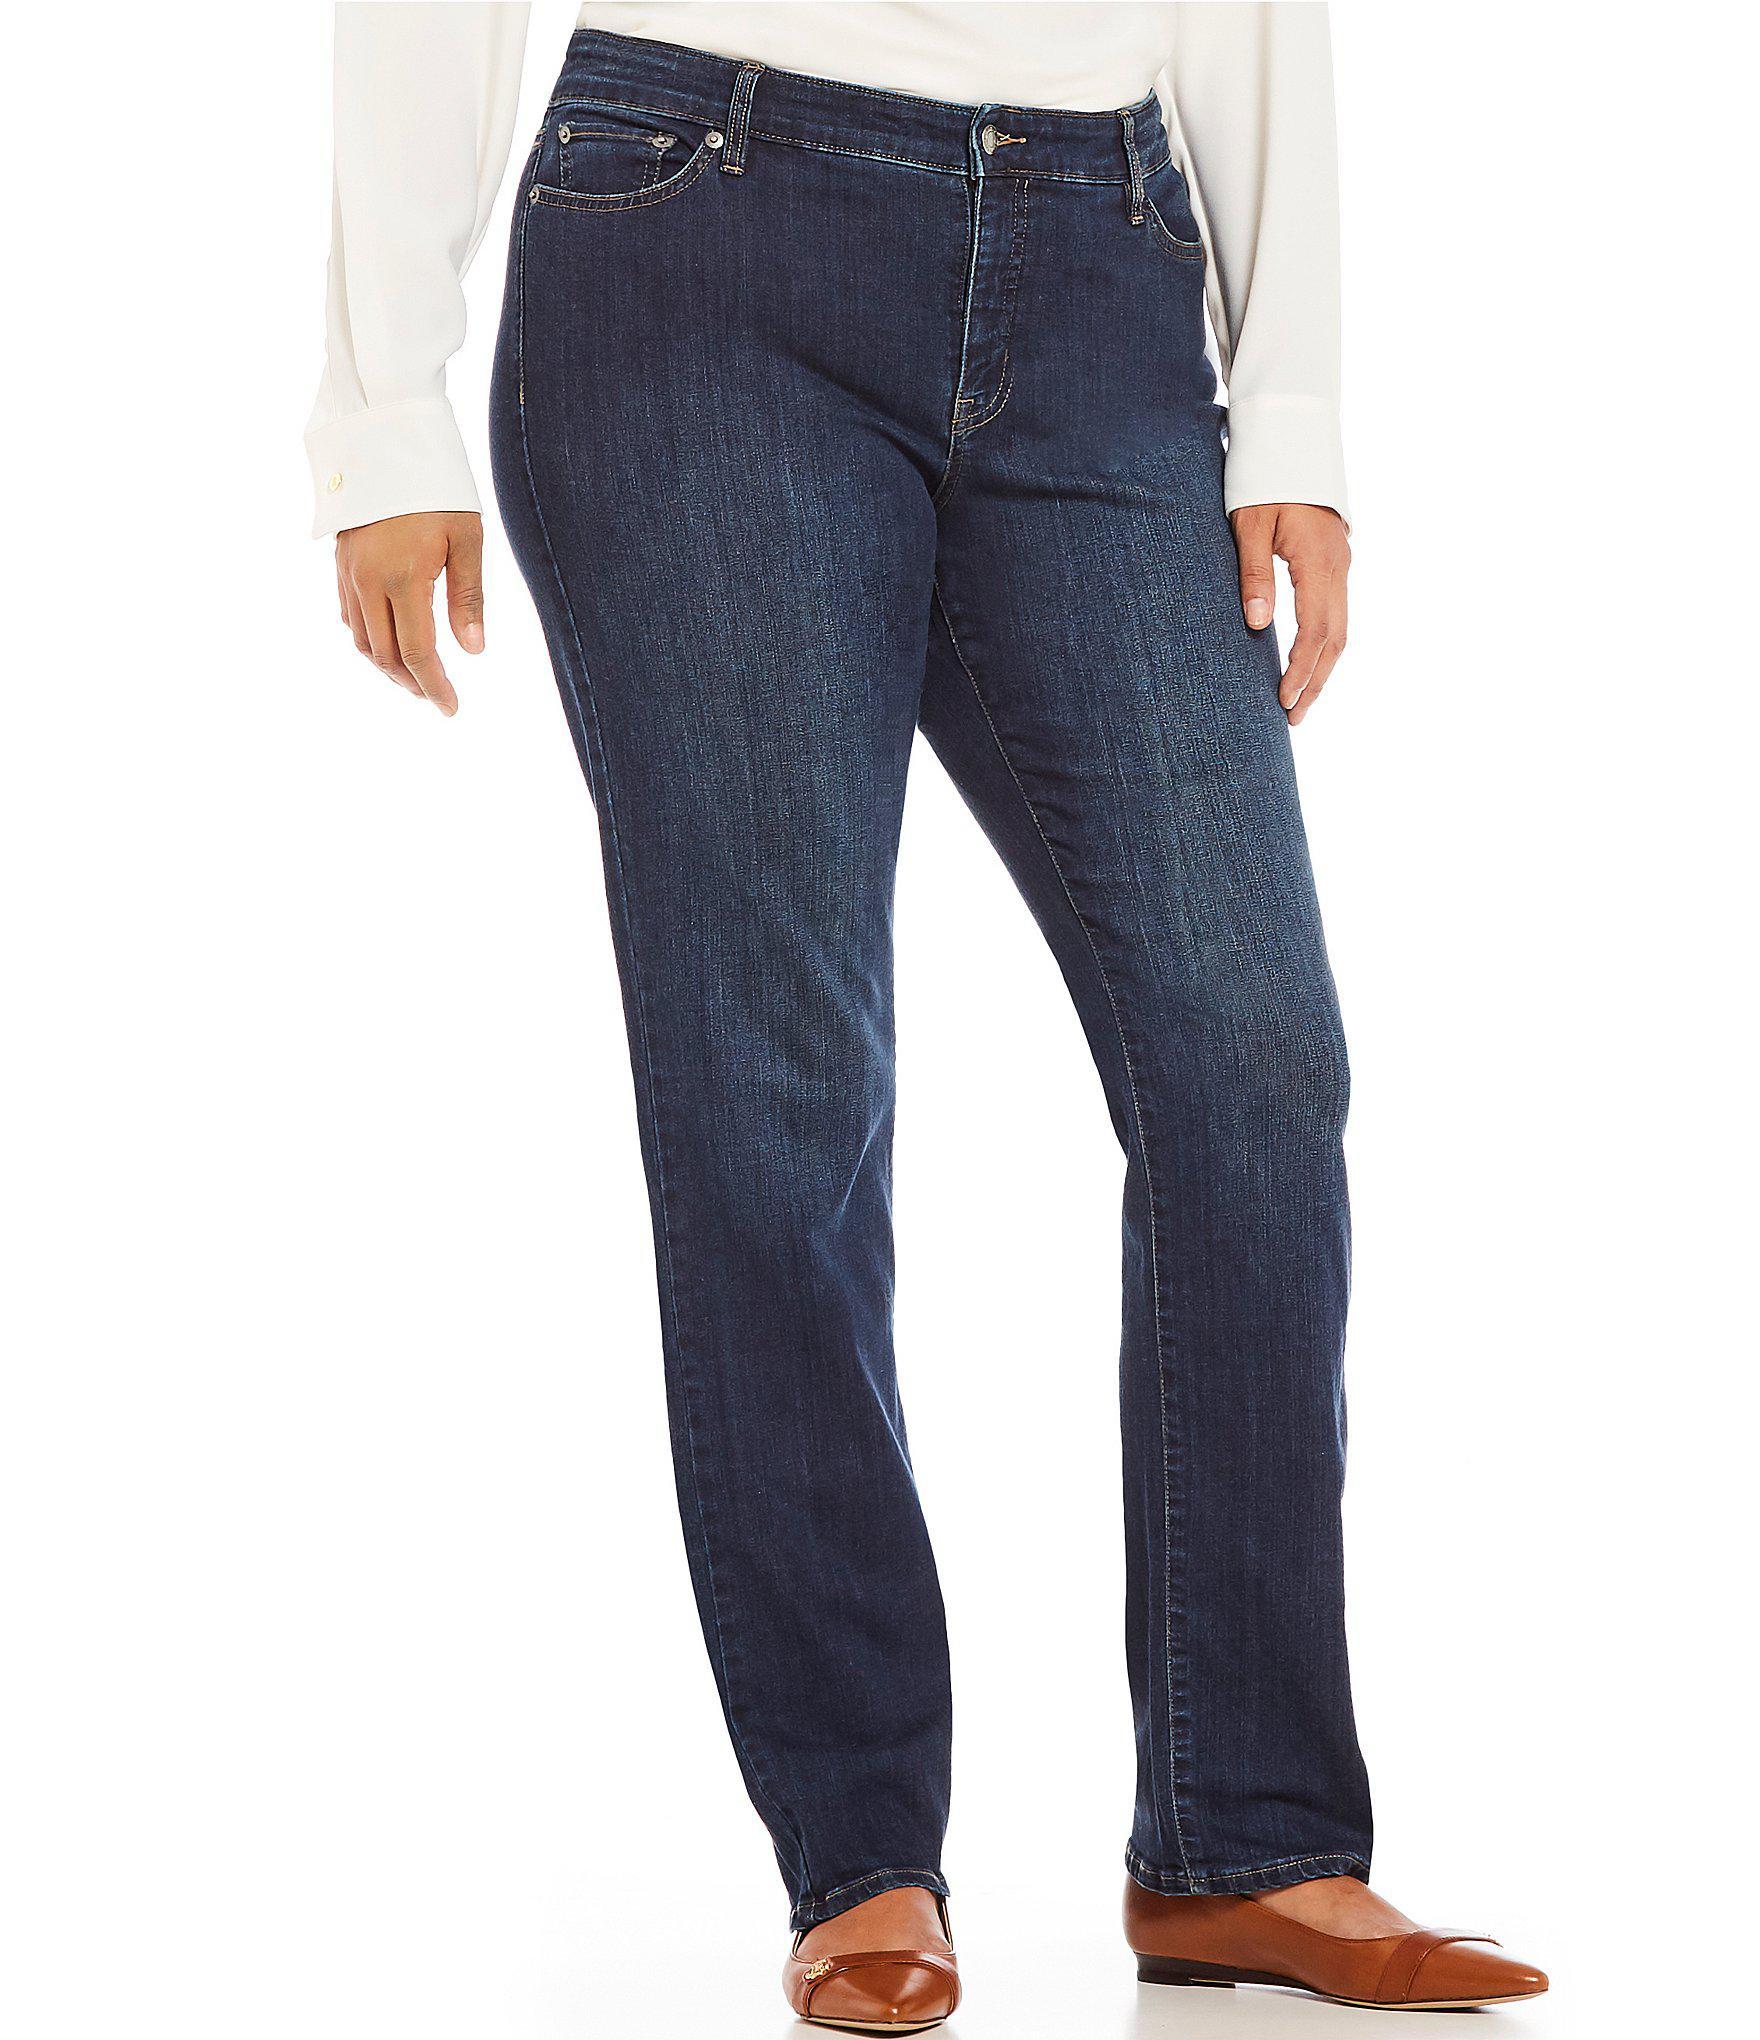 60959cc6bf402 Lauren by Ralph Lauren. Women s Blue Plus Size Stretch Denim Premier  Straight-leg Jeans